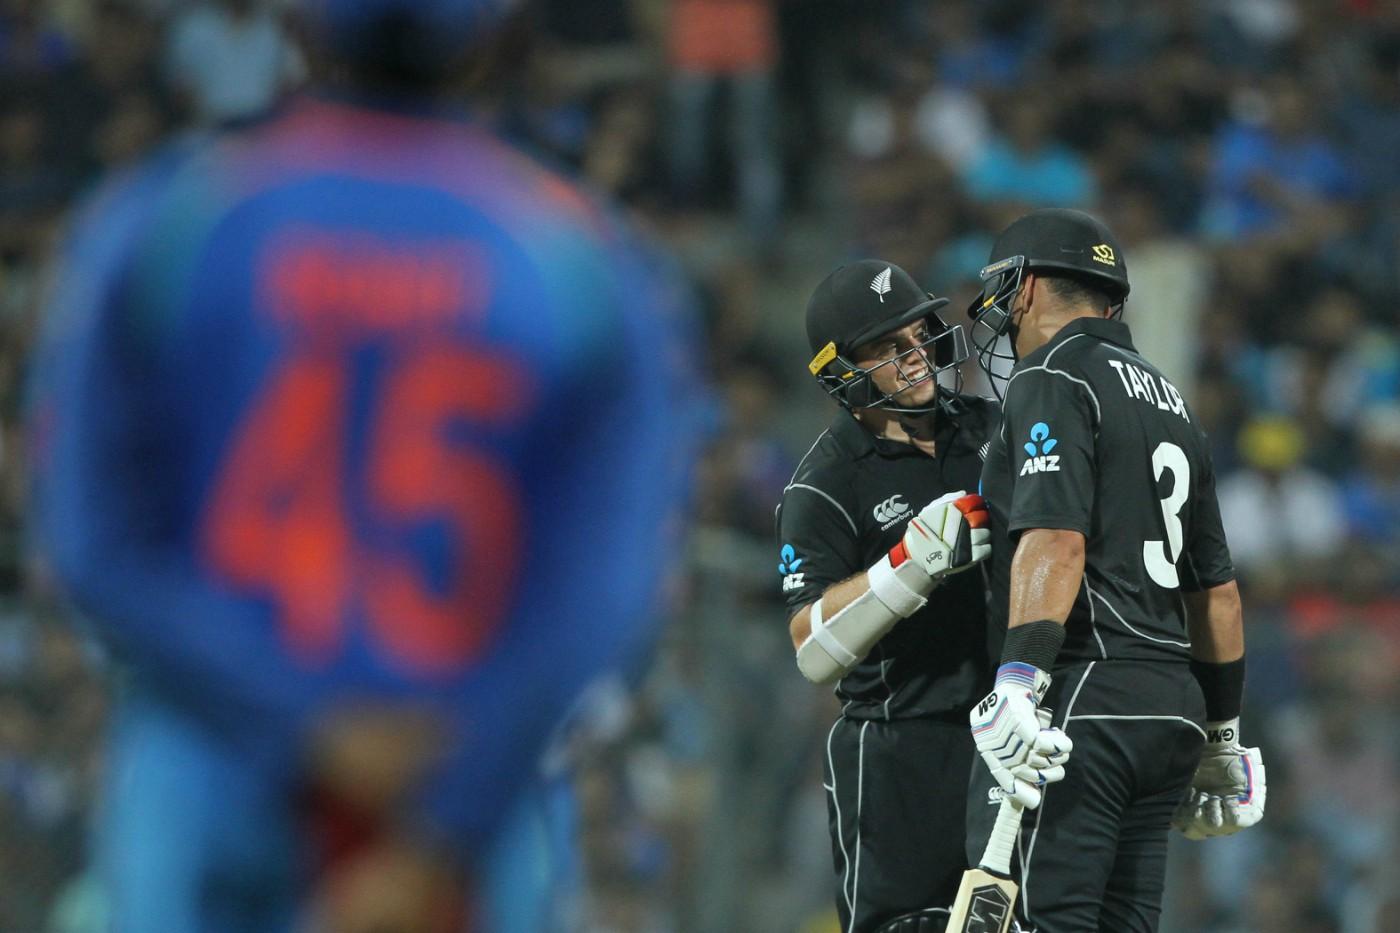 India vs New Zealand 2nd ODI: Tourists Bat First, Axar Patel Returns 2